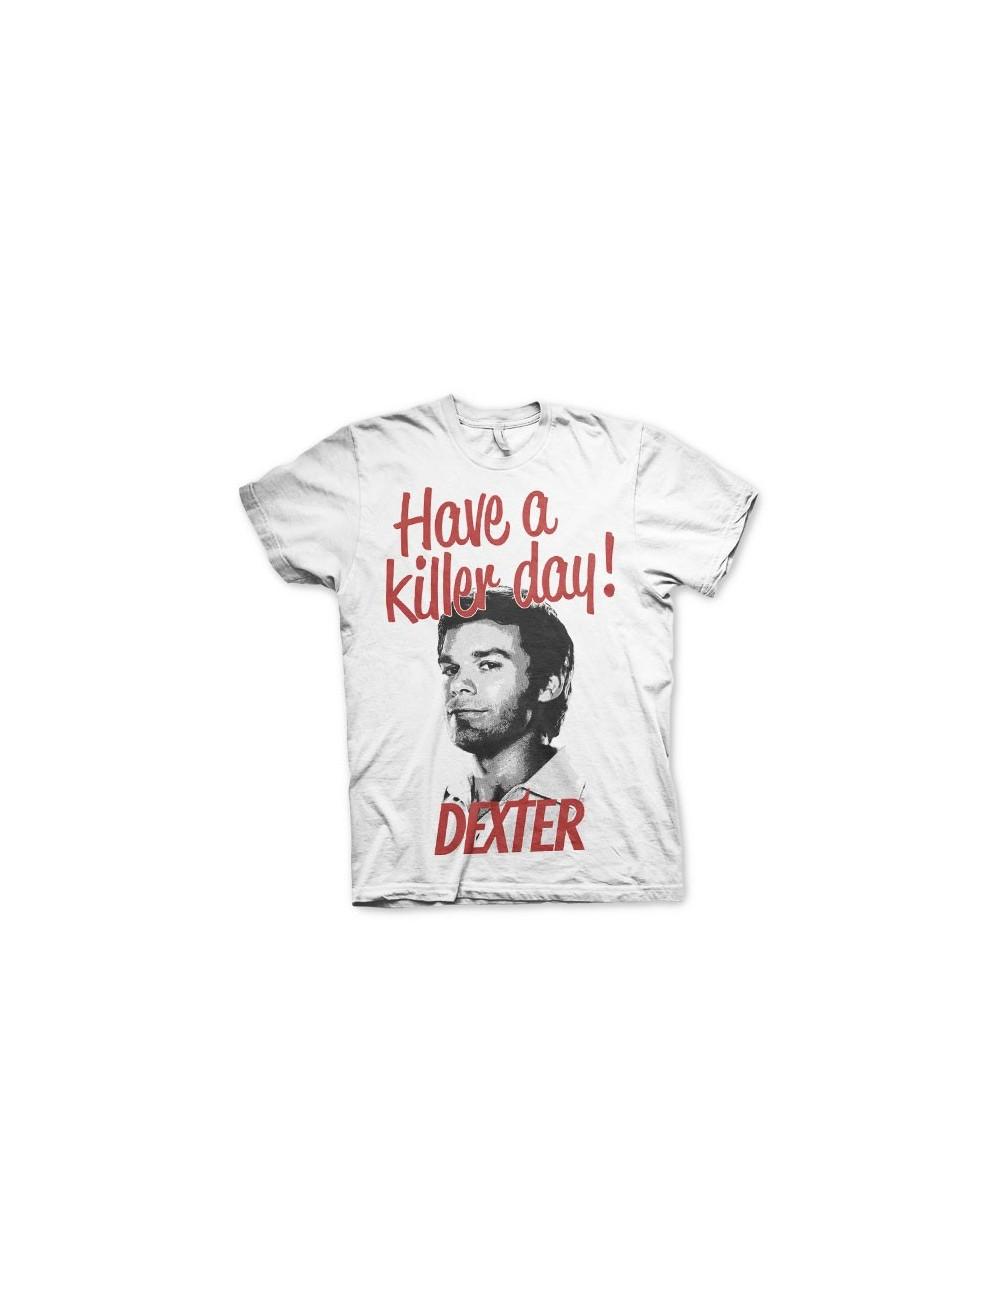 Tricou maneca scurta barbati, Dexter Killer Day